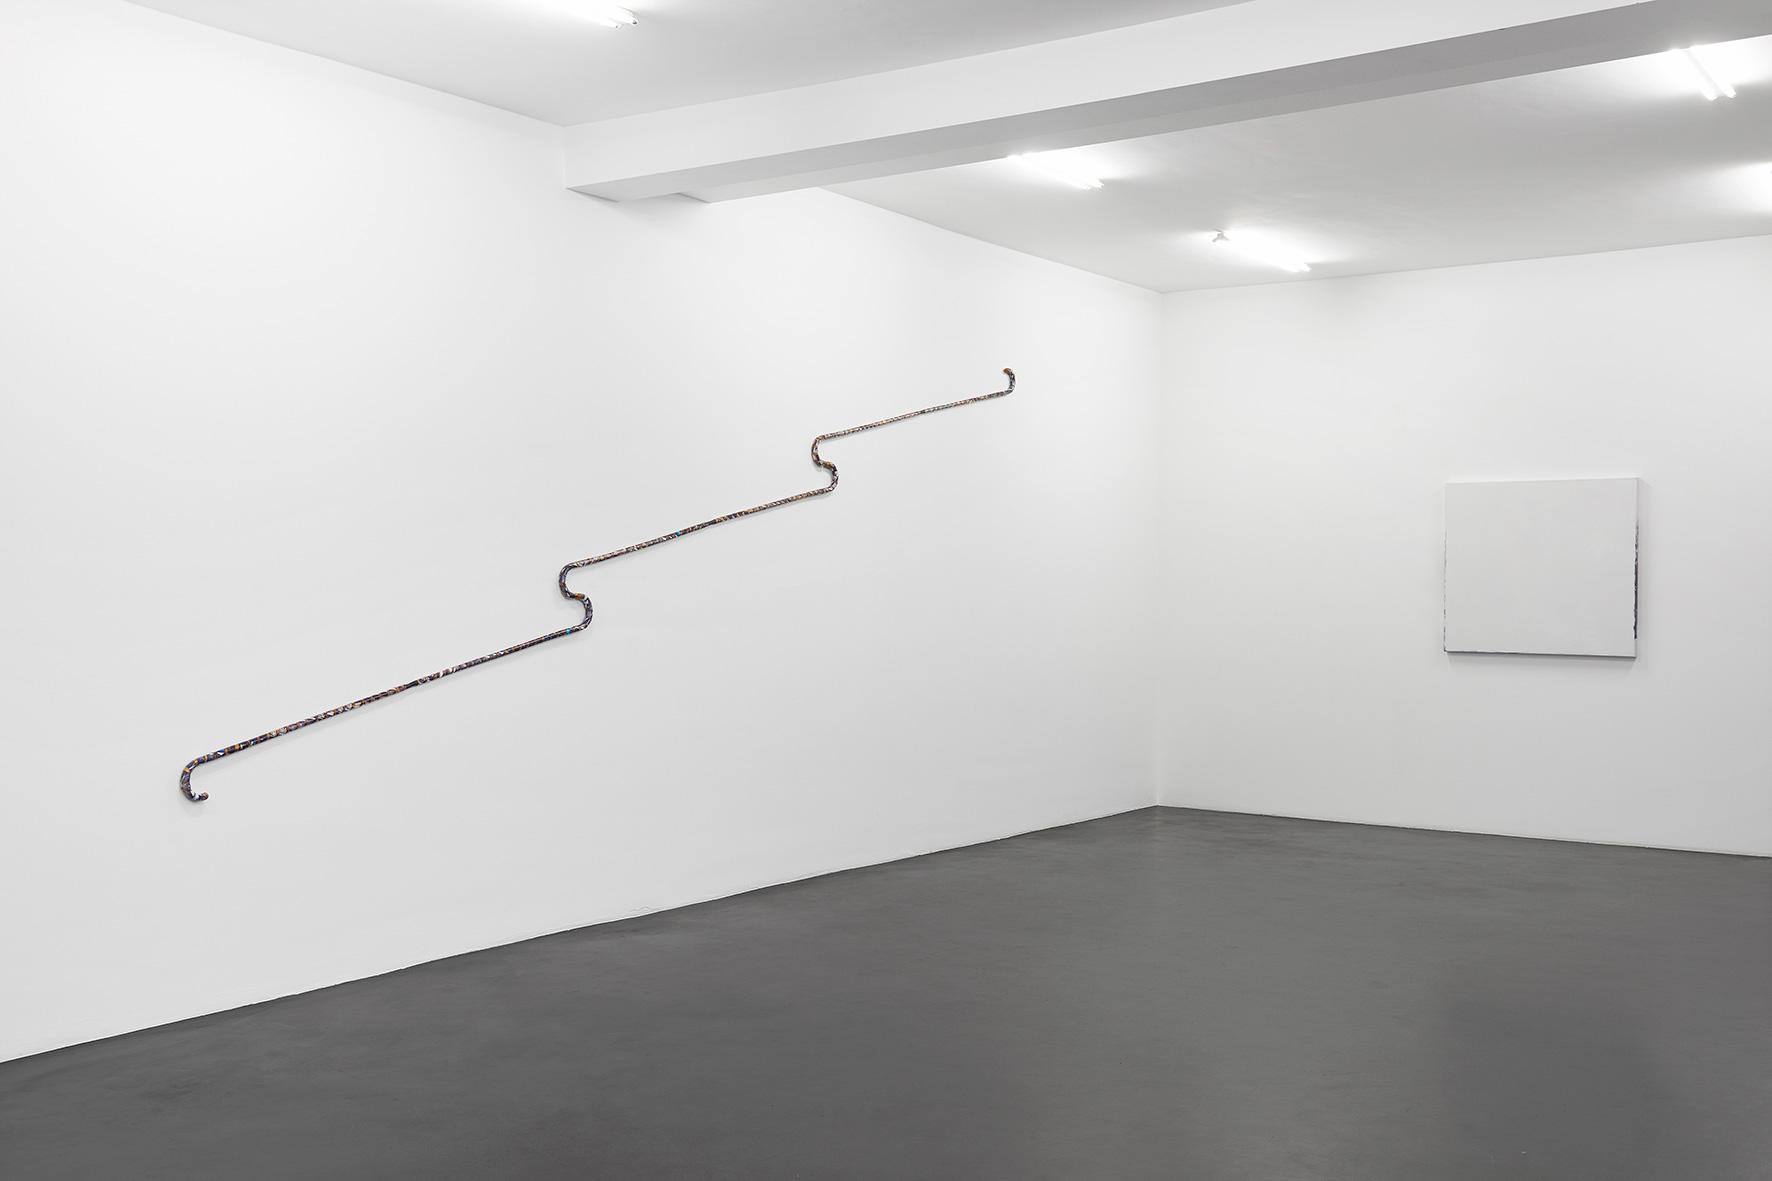 Ger van Elk_Installation View_8_Markus Luettgen Gallery